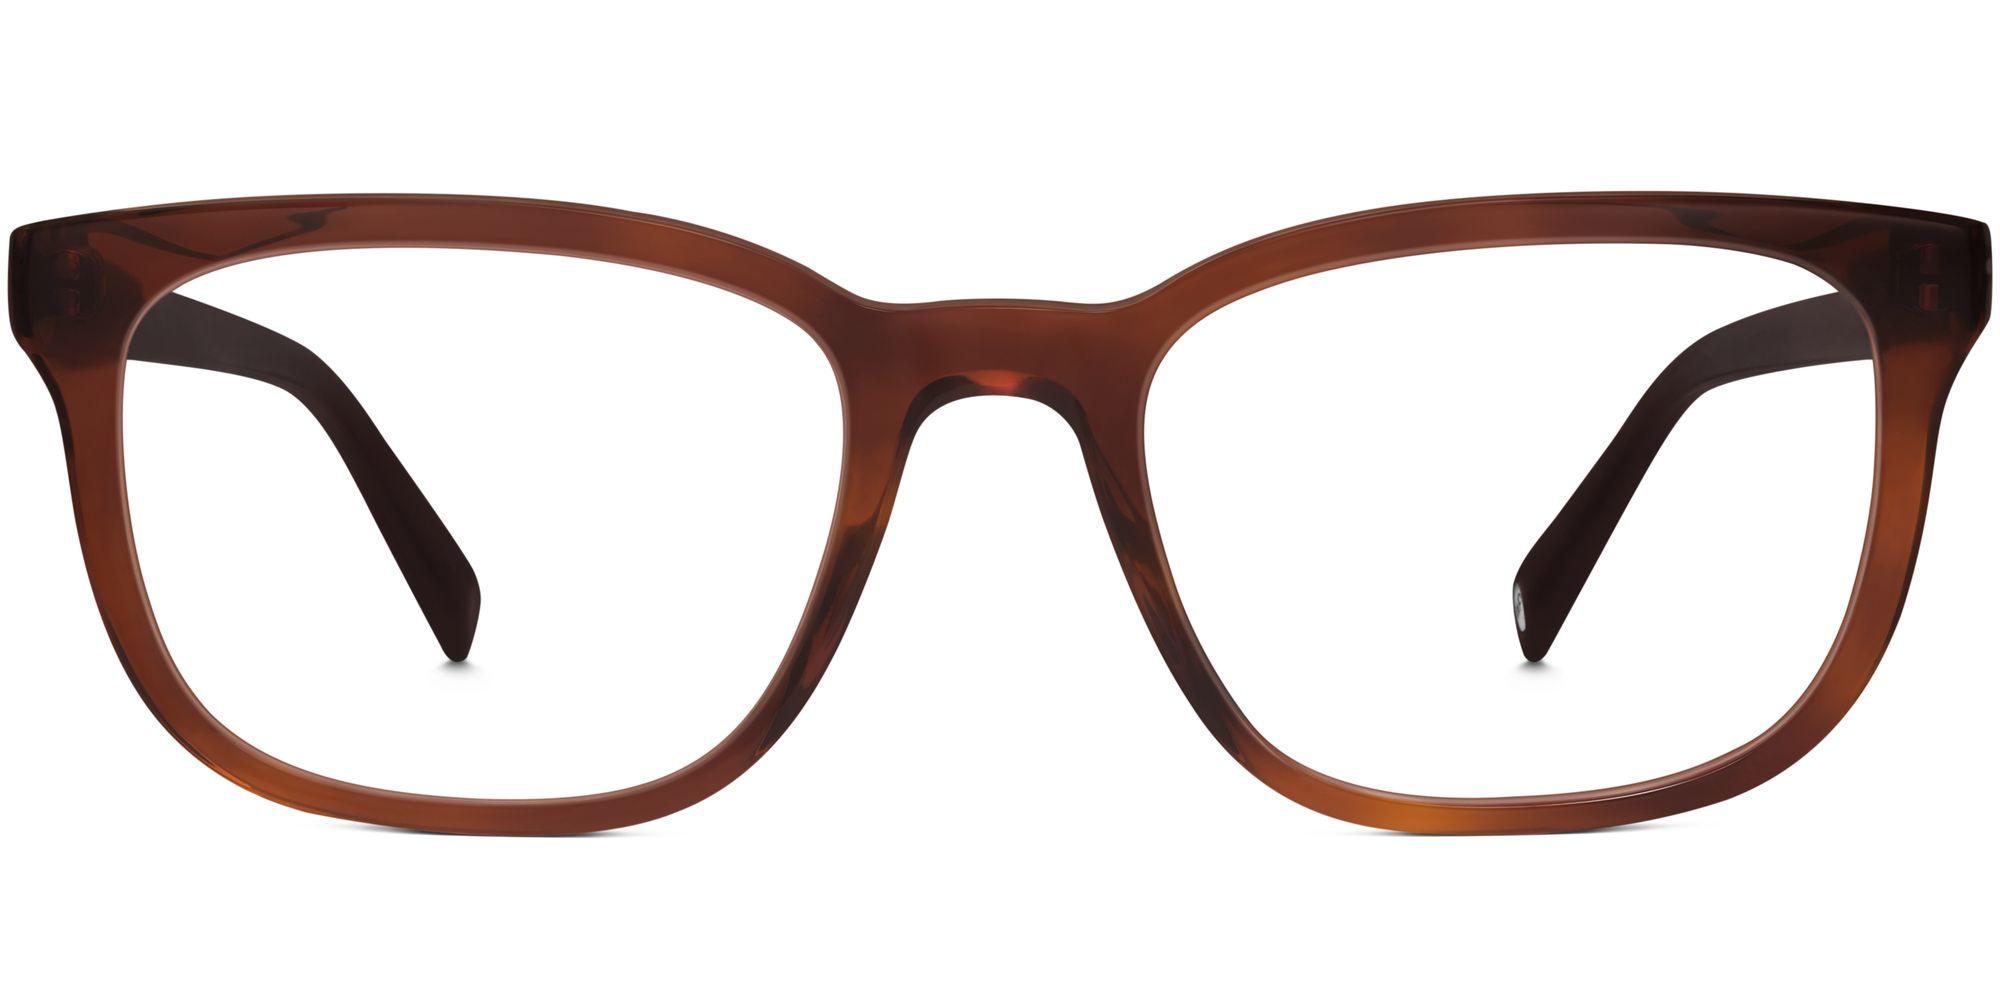 beckerglasses.jpg